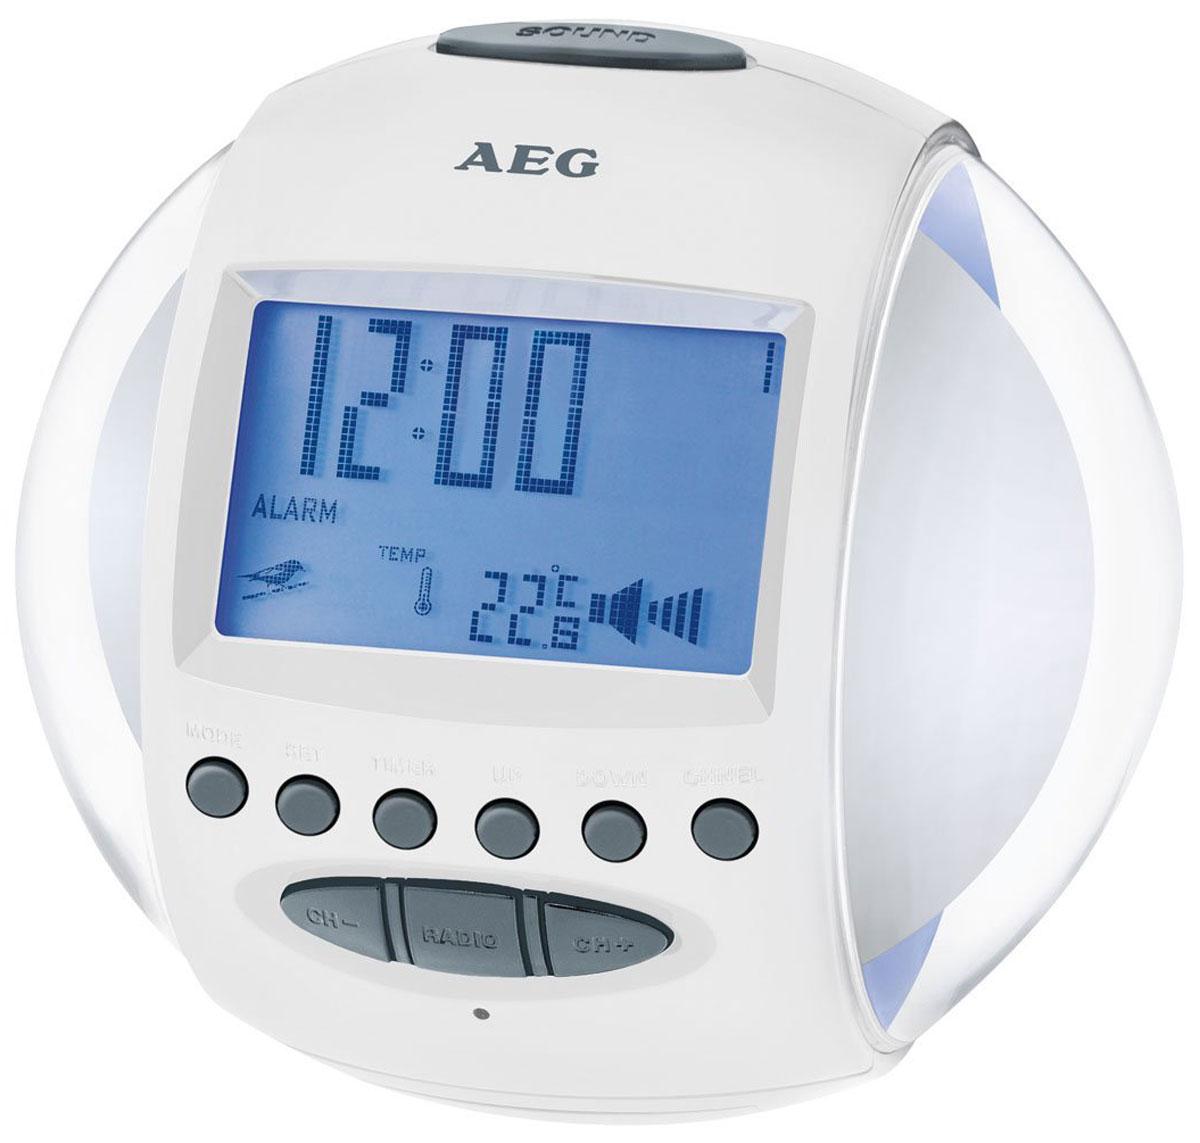 AEG MRC 4117, White радиочасыMRC 4117 weissFM –радиочасы AEG MRC 4117 со звуками природы и мелодиями, а также сменной подсветкой из 7 различных цветов, индикацией даты и температуры, настройкой громкости и таймером обратного отсчета непременно займут достойное место в интерьере вашего дома.FM-радиоприемник с 4 ячейками для запоминания радиостанций Дипольная антенна, цифровая индикация частоты 2 будильника (3 возможности включения 1, 2 или 1+2) Сигнал будильника: радио, звуки природы, мелодия в сочетании со сменной подсветкой 6 звуков природы и 5 мелодий по выбору, режим повтора сигнала будильника Спящий режим (5-60 минут)